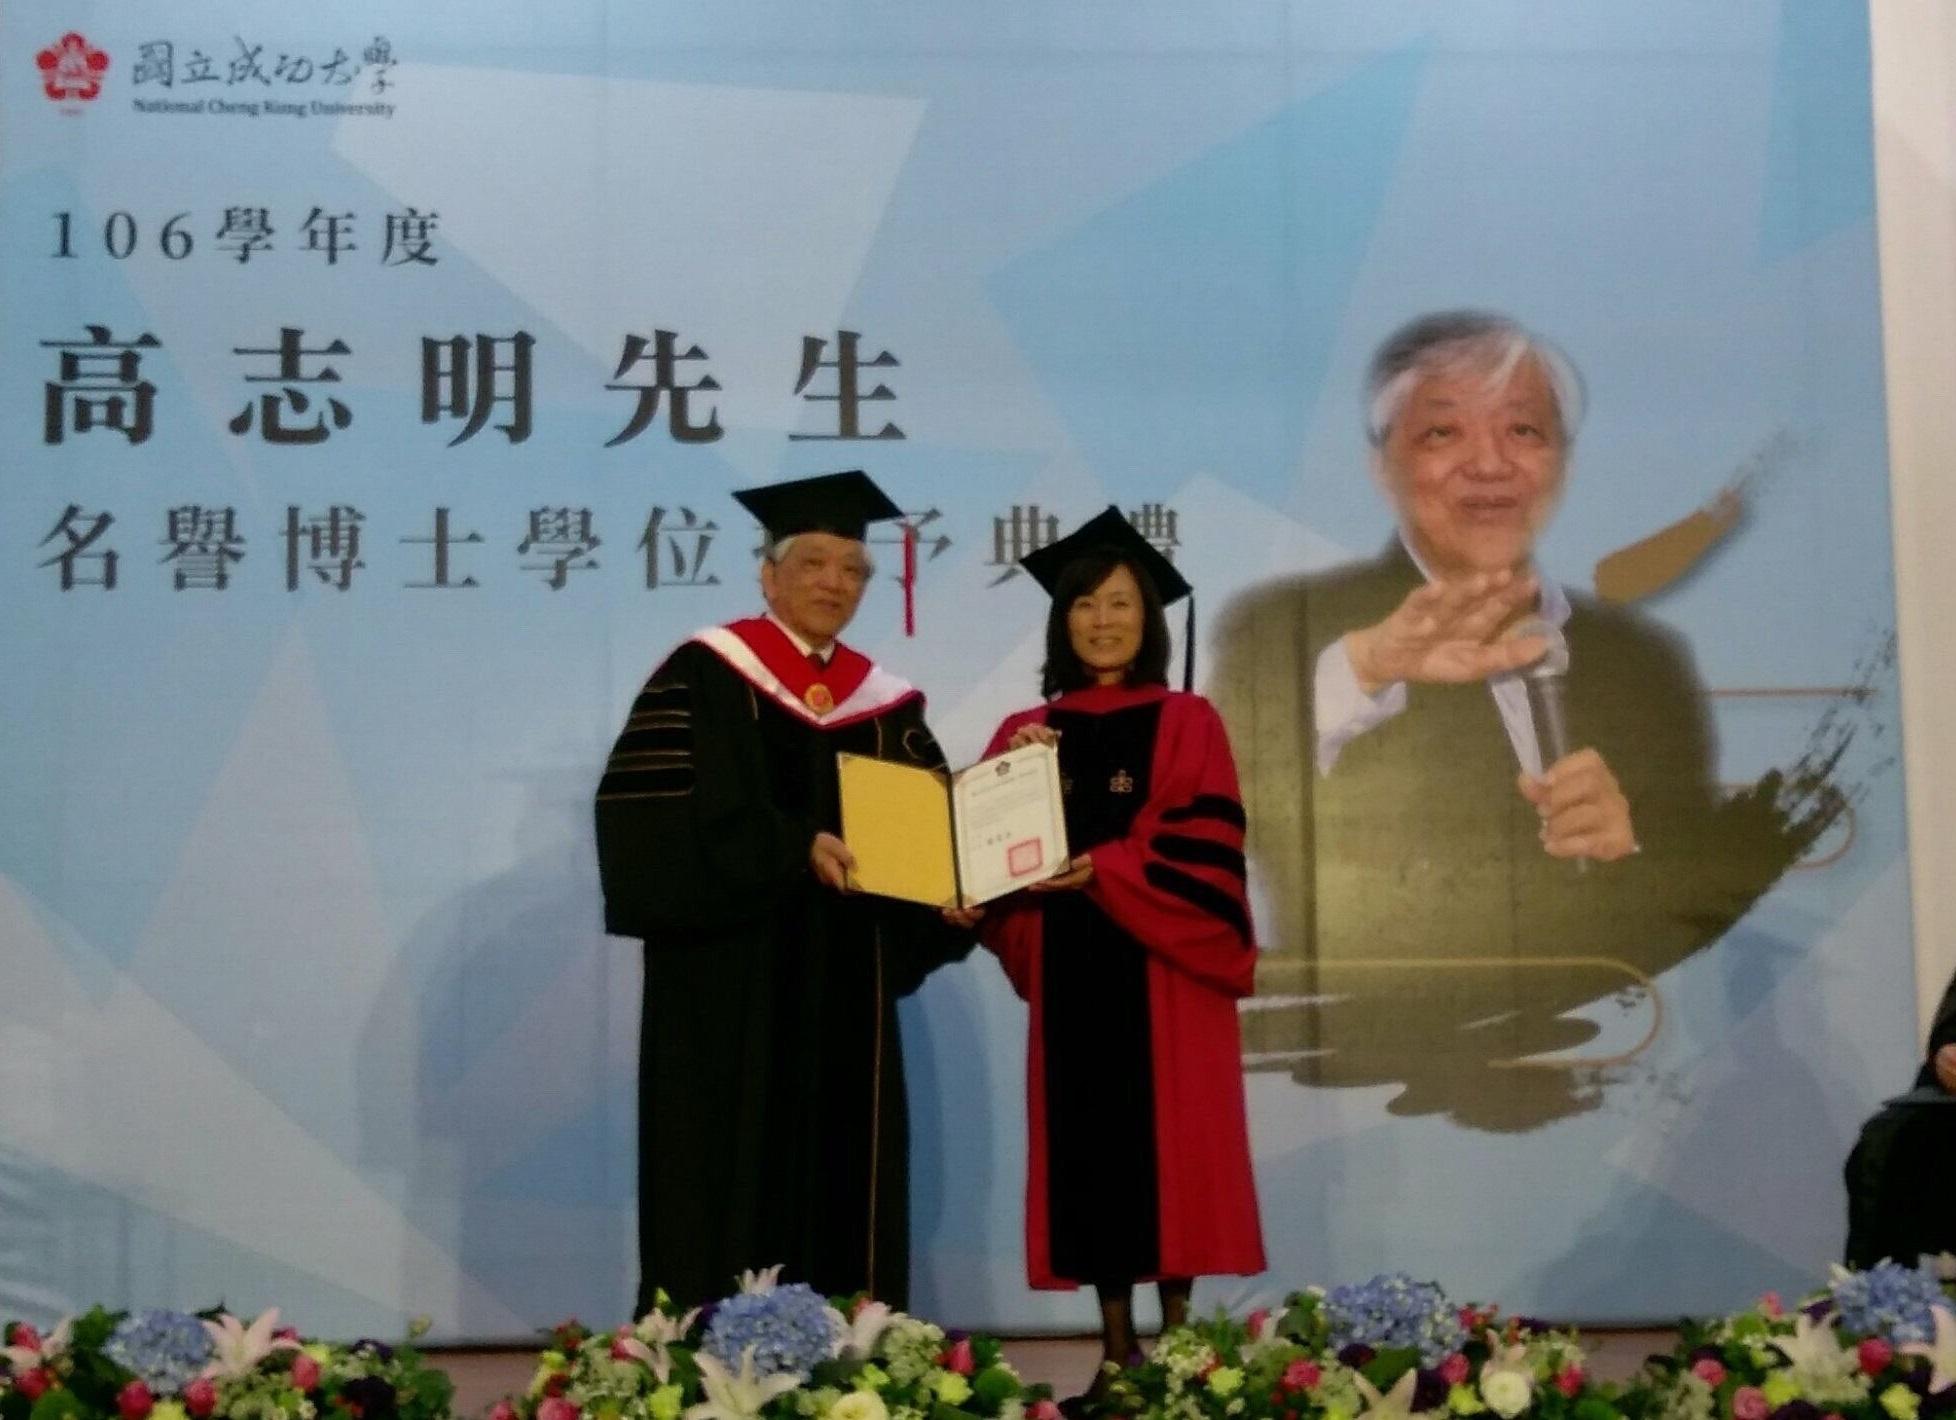 成功大學校長蘇慧貞(右)13日上午頒授名譽博士學位證書予義美食品總經理高志明(中)並合影。